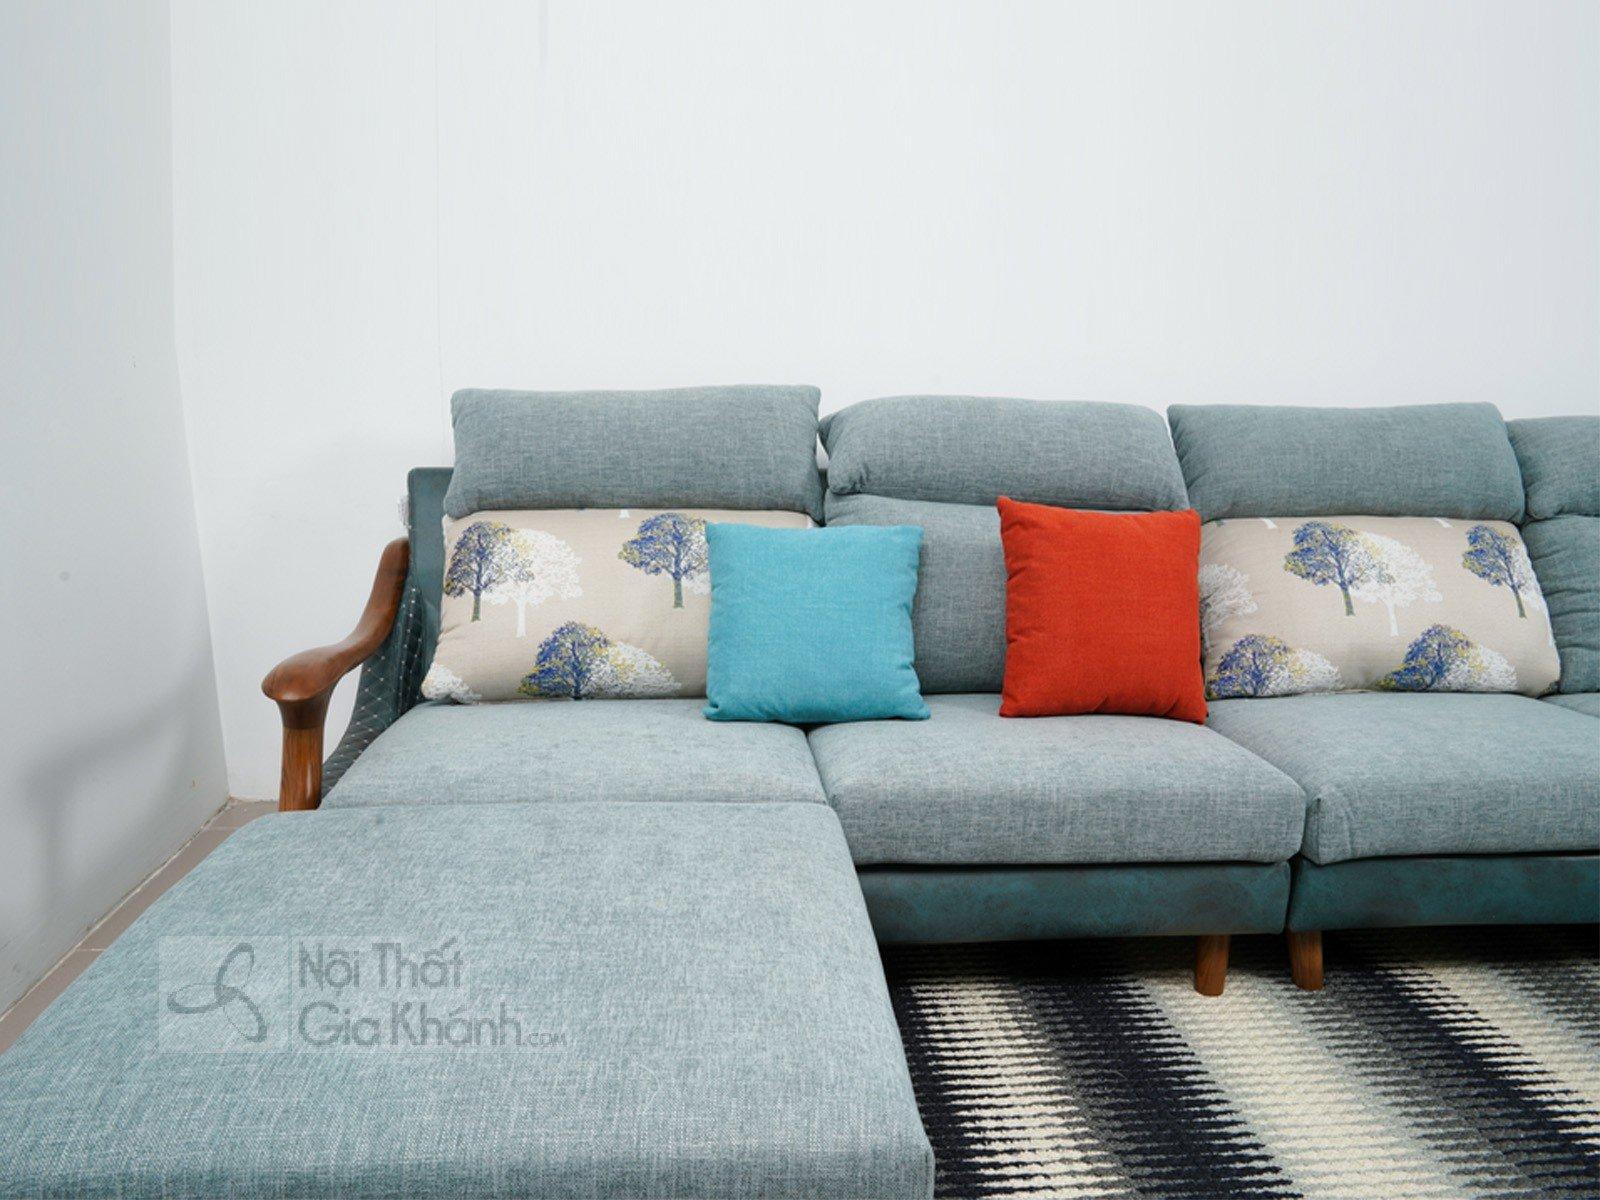 SOFA VÀ ĐÔN NỈ KHUNG GỖ HIỆN ĐẠI MR802C-SF - sofa hien dai MR802C SF 3200x1830x790 1